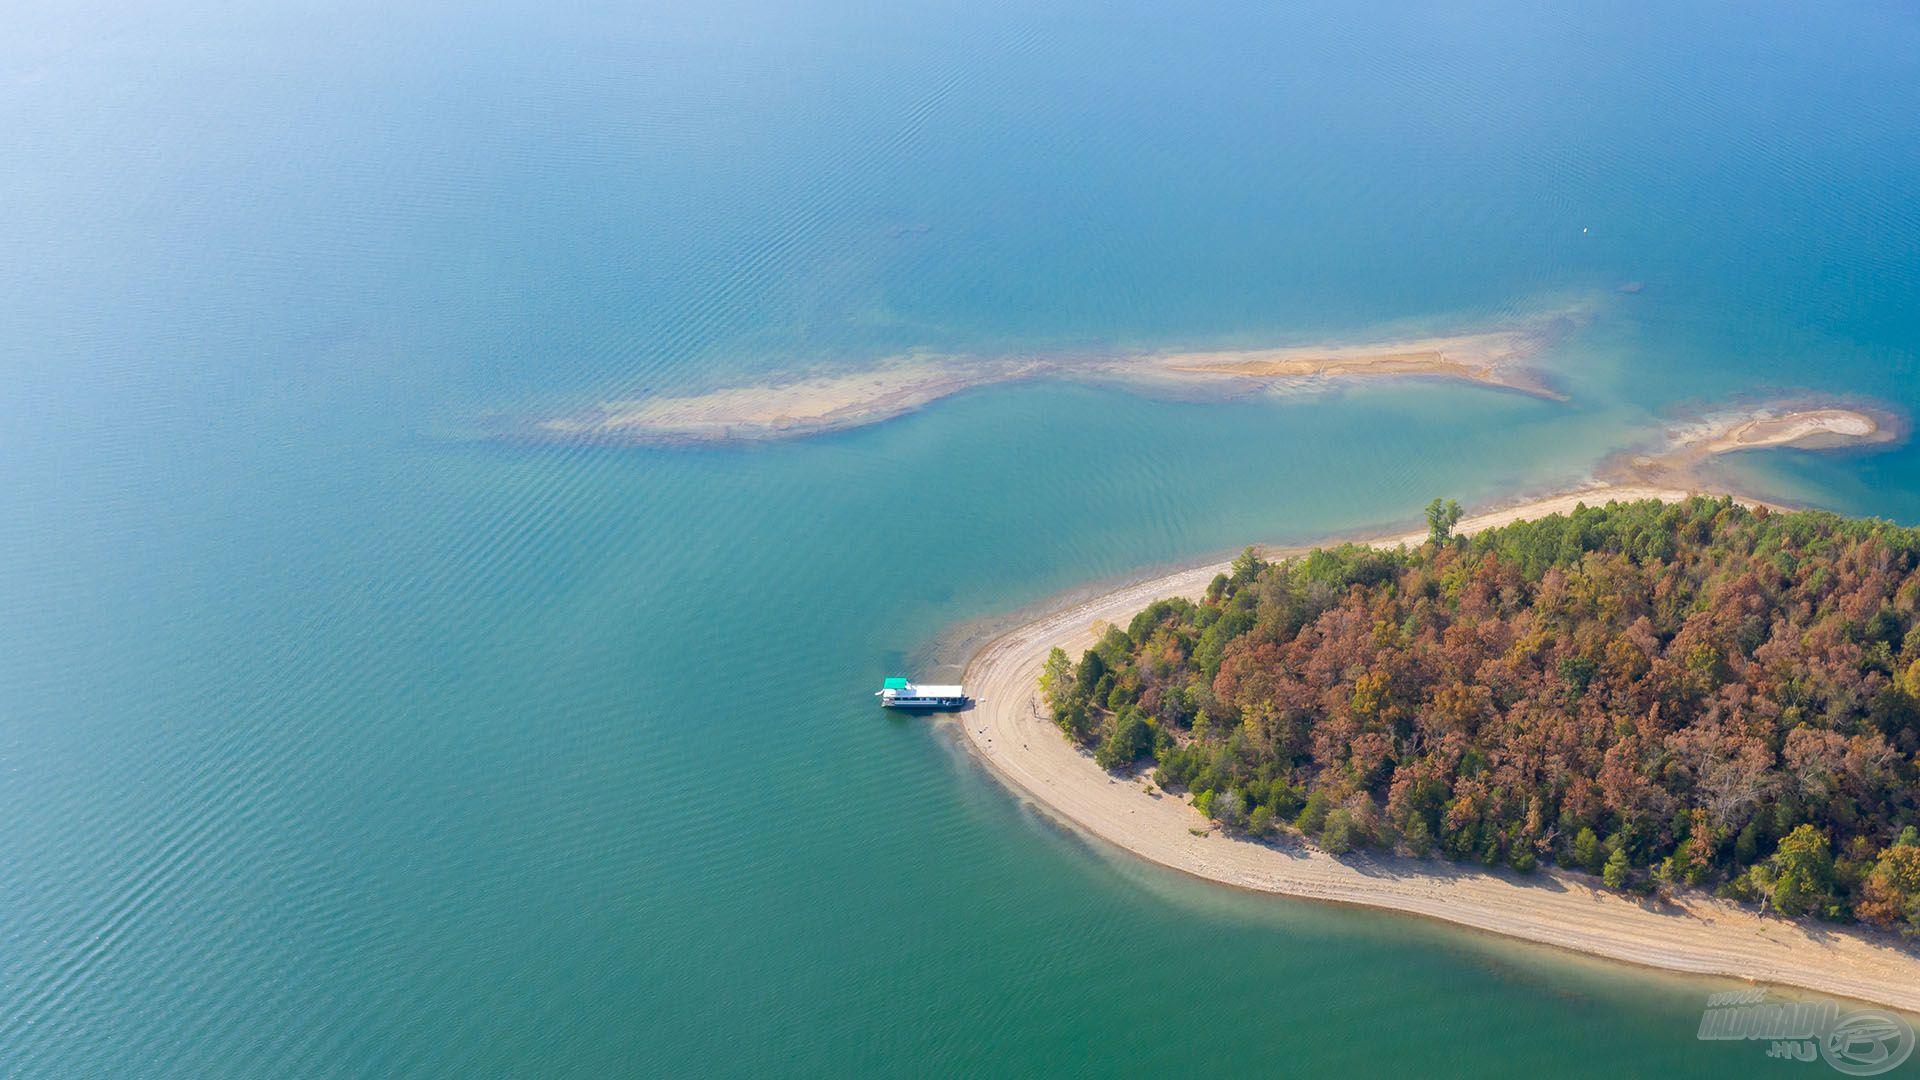 Mivel a tó átlag vízmélysége 20 méternél is nagyobb, kardinális kérdés volt a jó helyválasztás